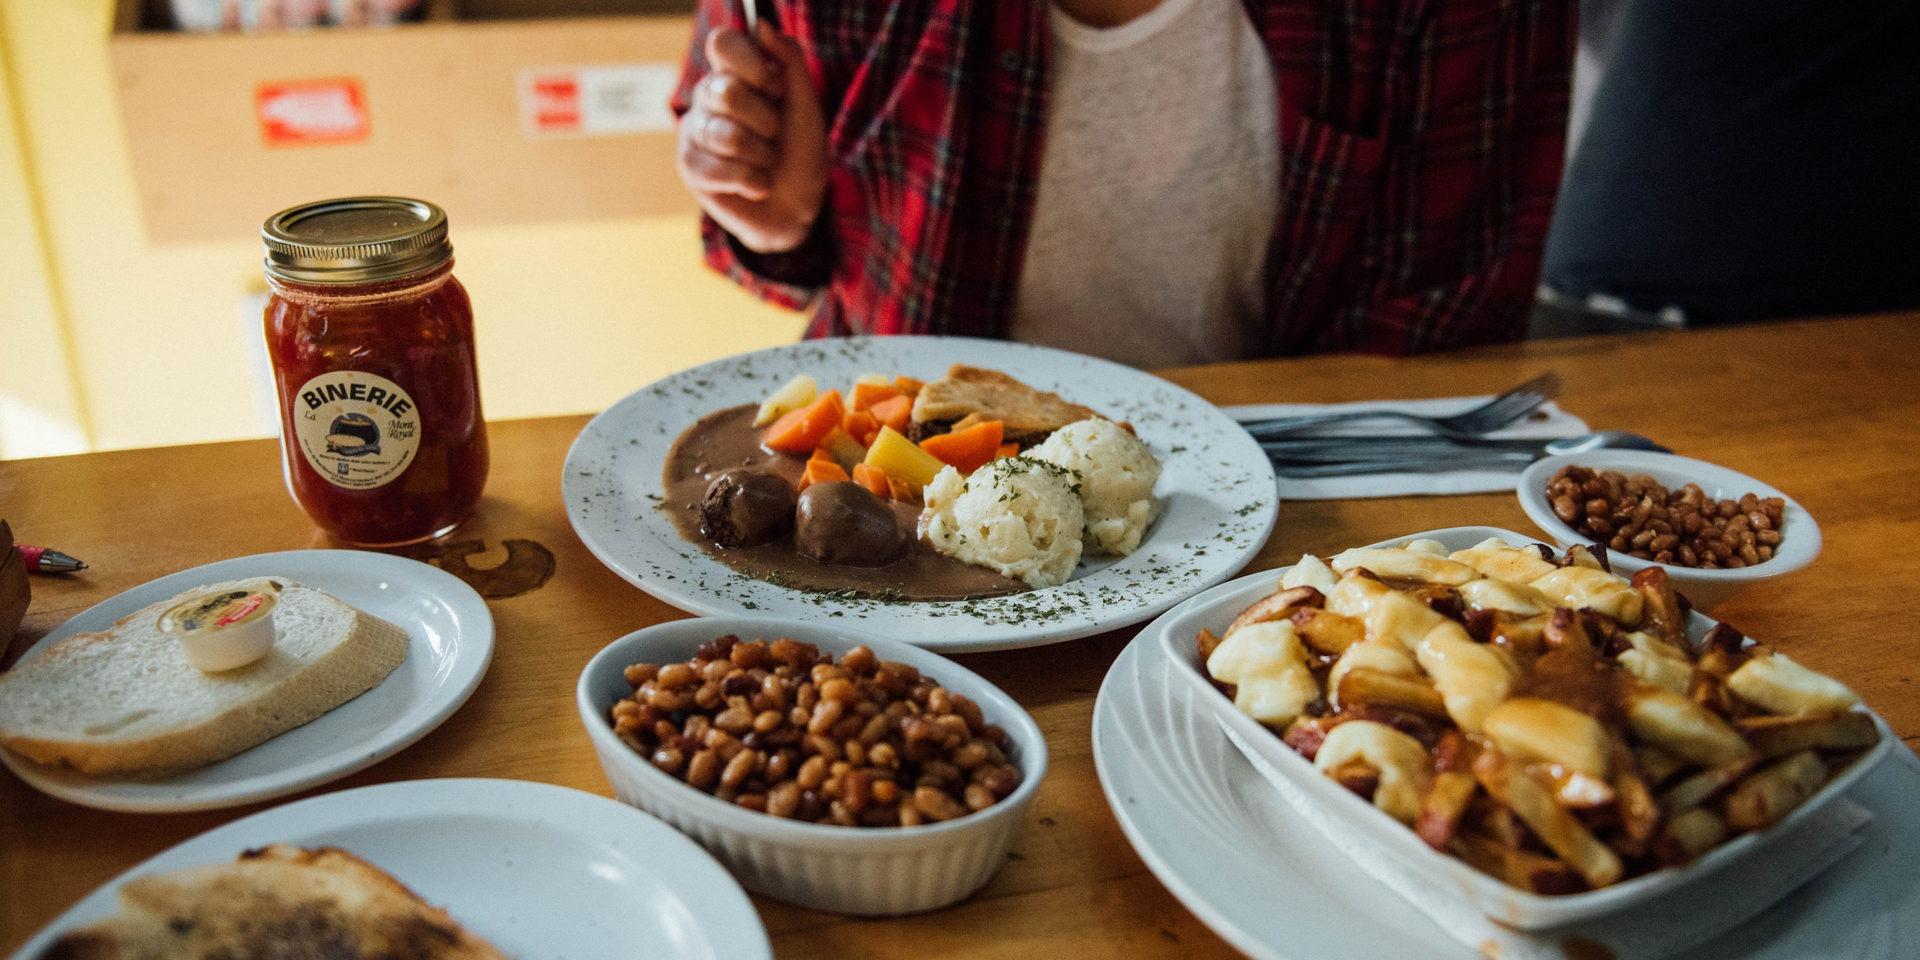 o manger de la cuisine traditionnelle qu b coise montr al tourisme montr al